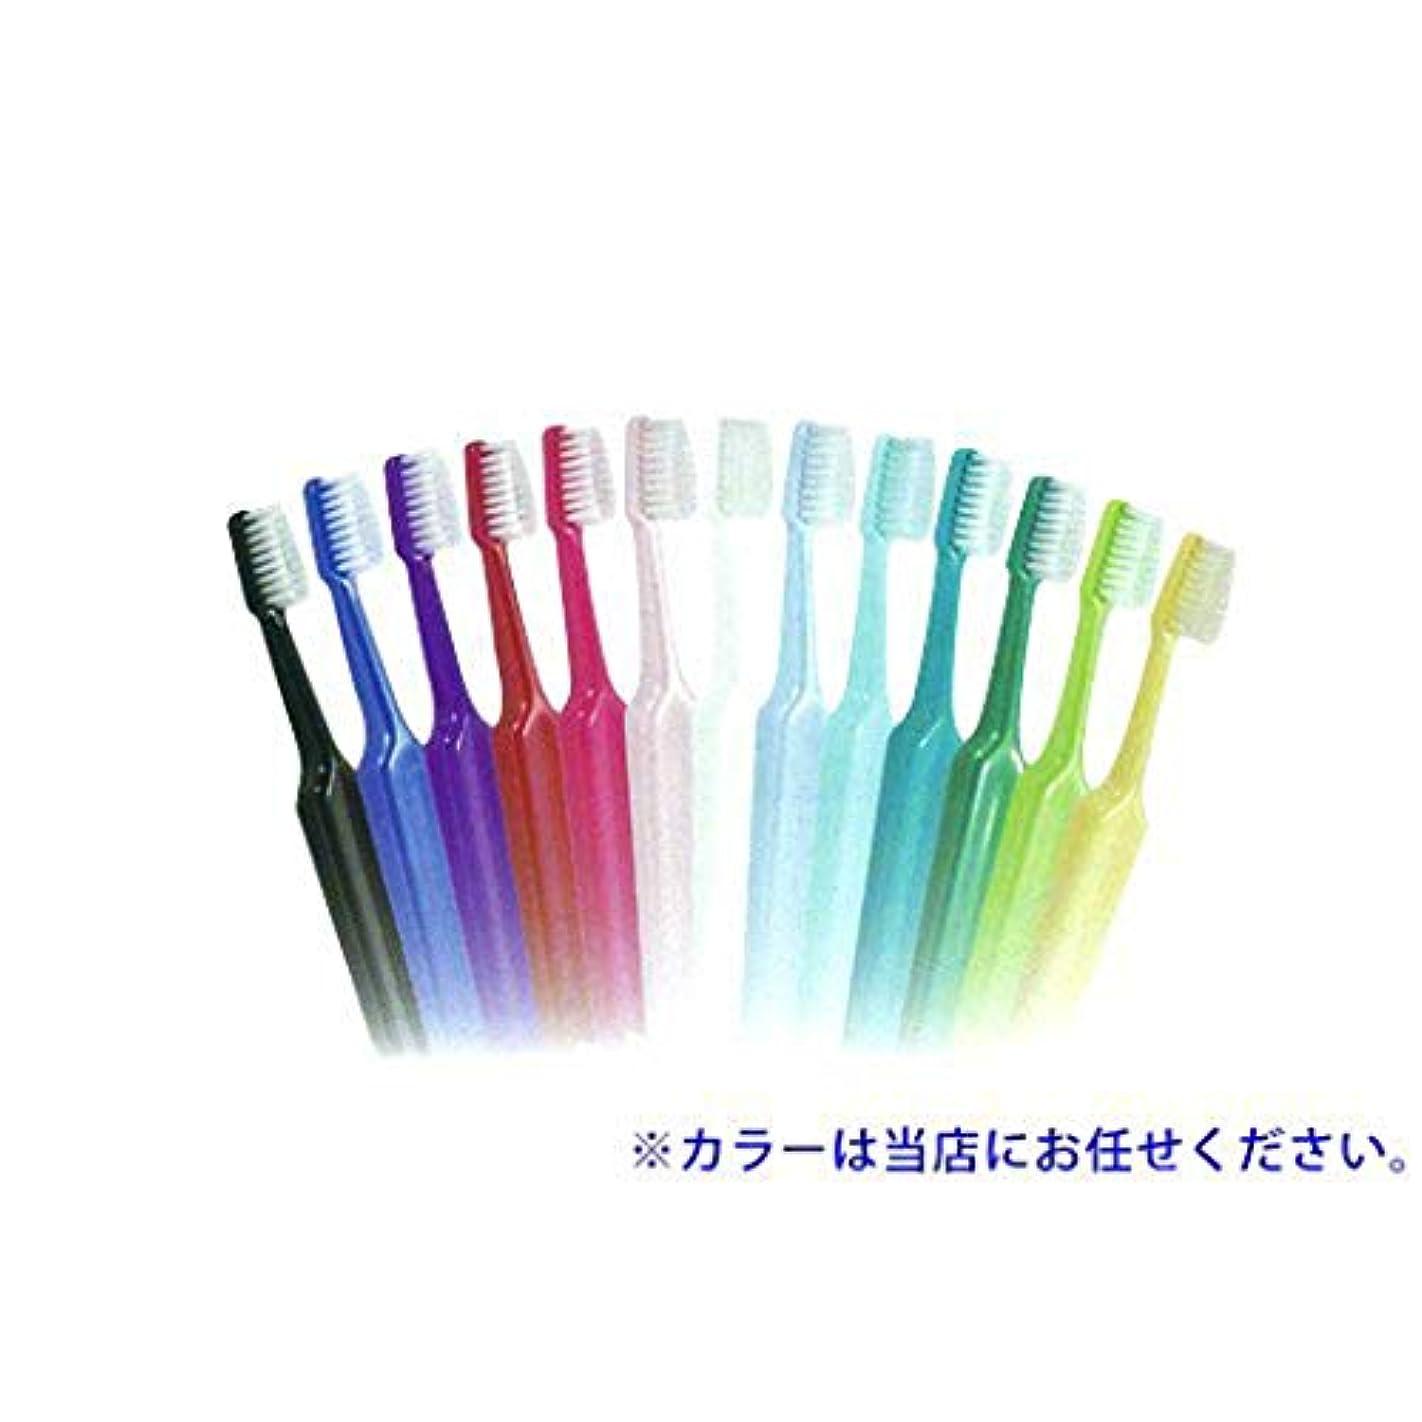 祭司好き保持するクロスフィールド TePe テペ セレクミニ 歯ブラシ 3本 (ソフト)